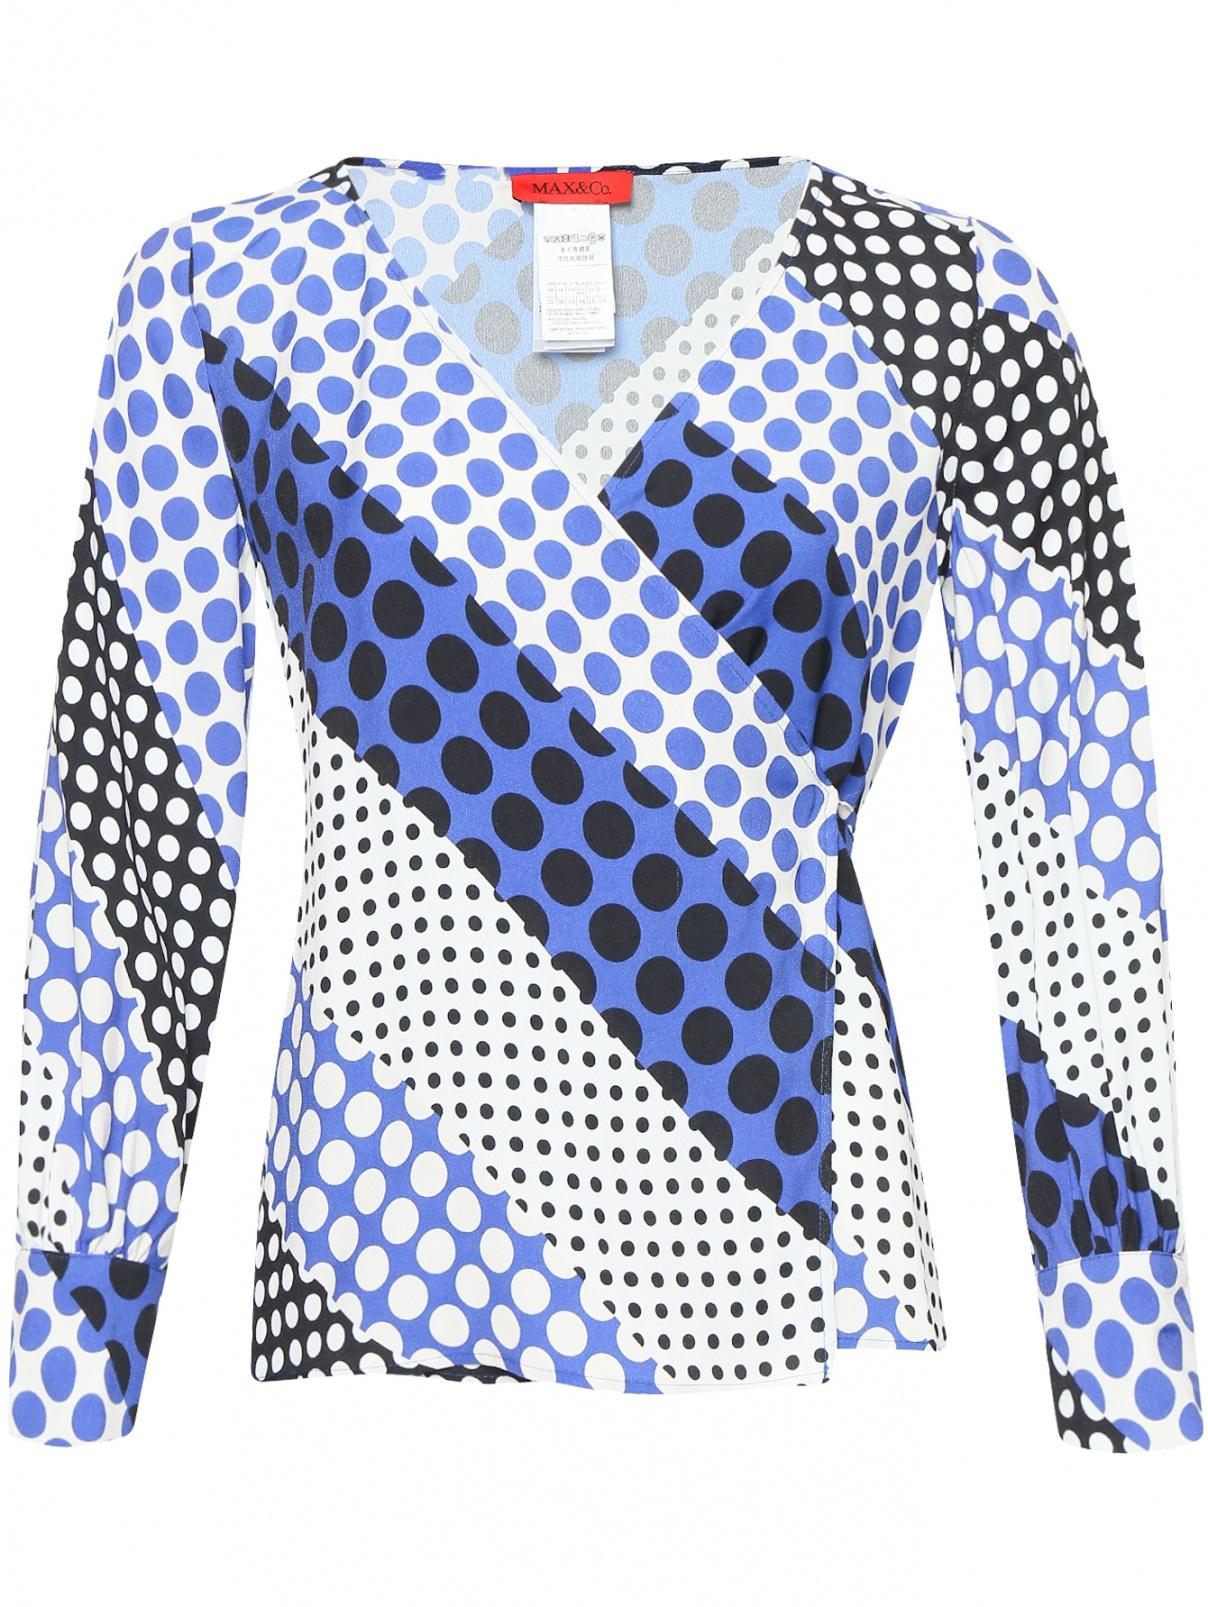 Блуза на запах с узором Max&Co  –  Общий вид  – Цвет:  Узор